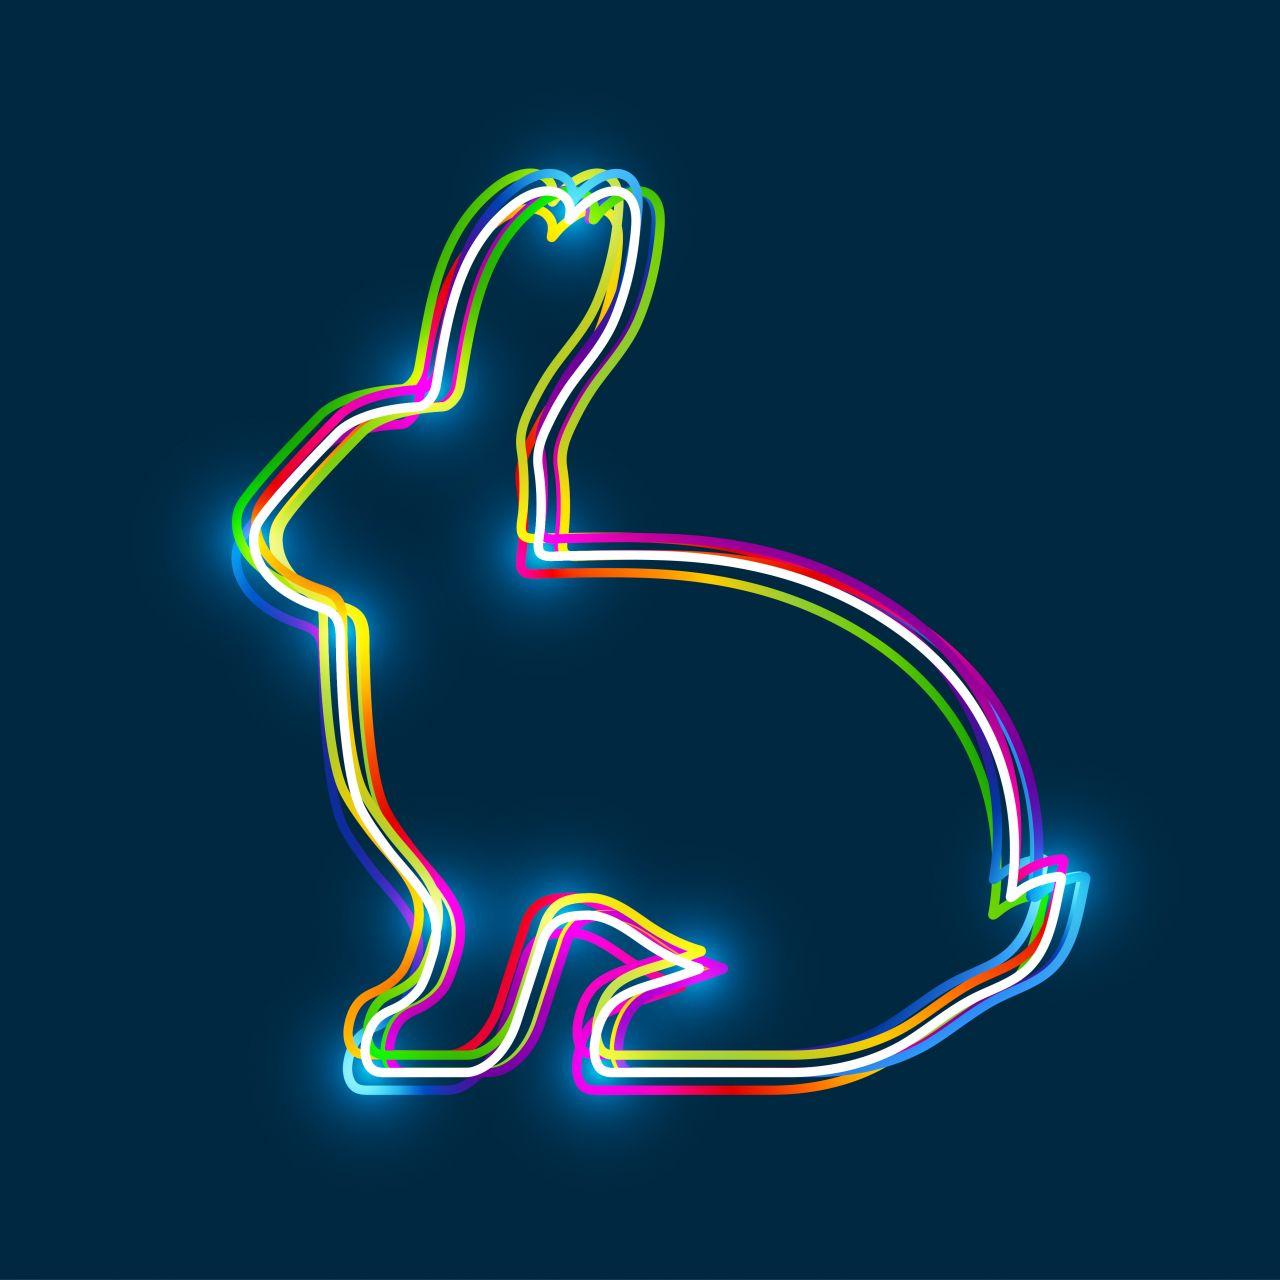 Leuchtendes Kanninchen